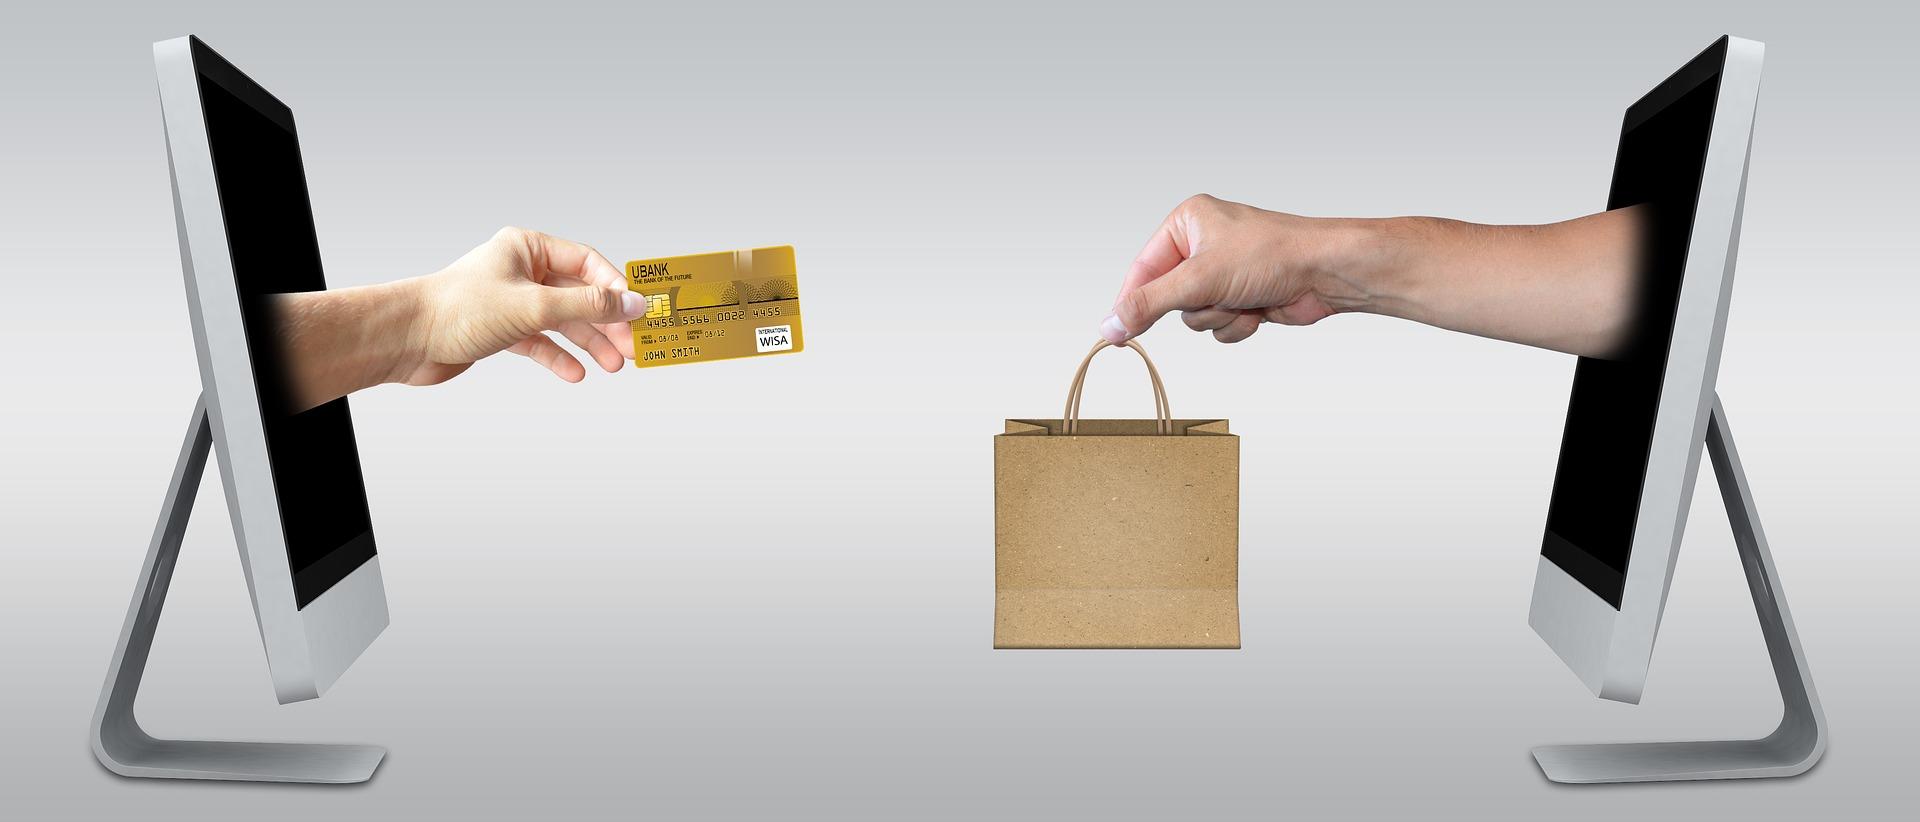 кредит на покупку готового бизнеса спб